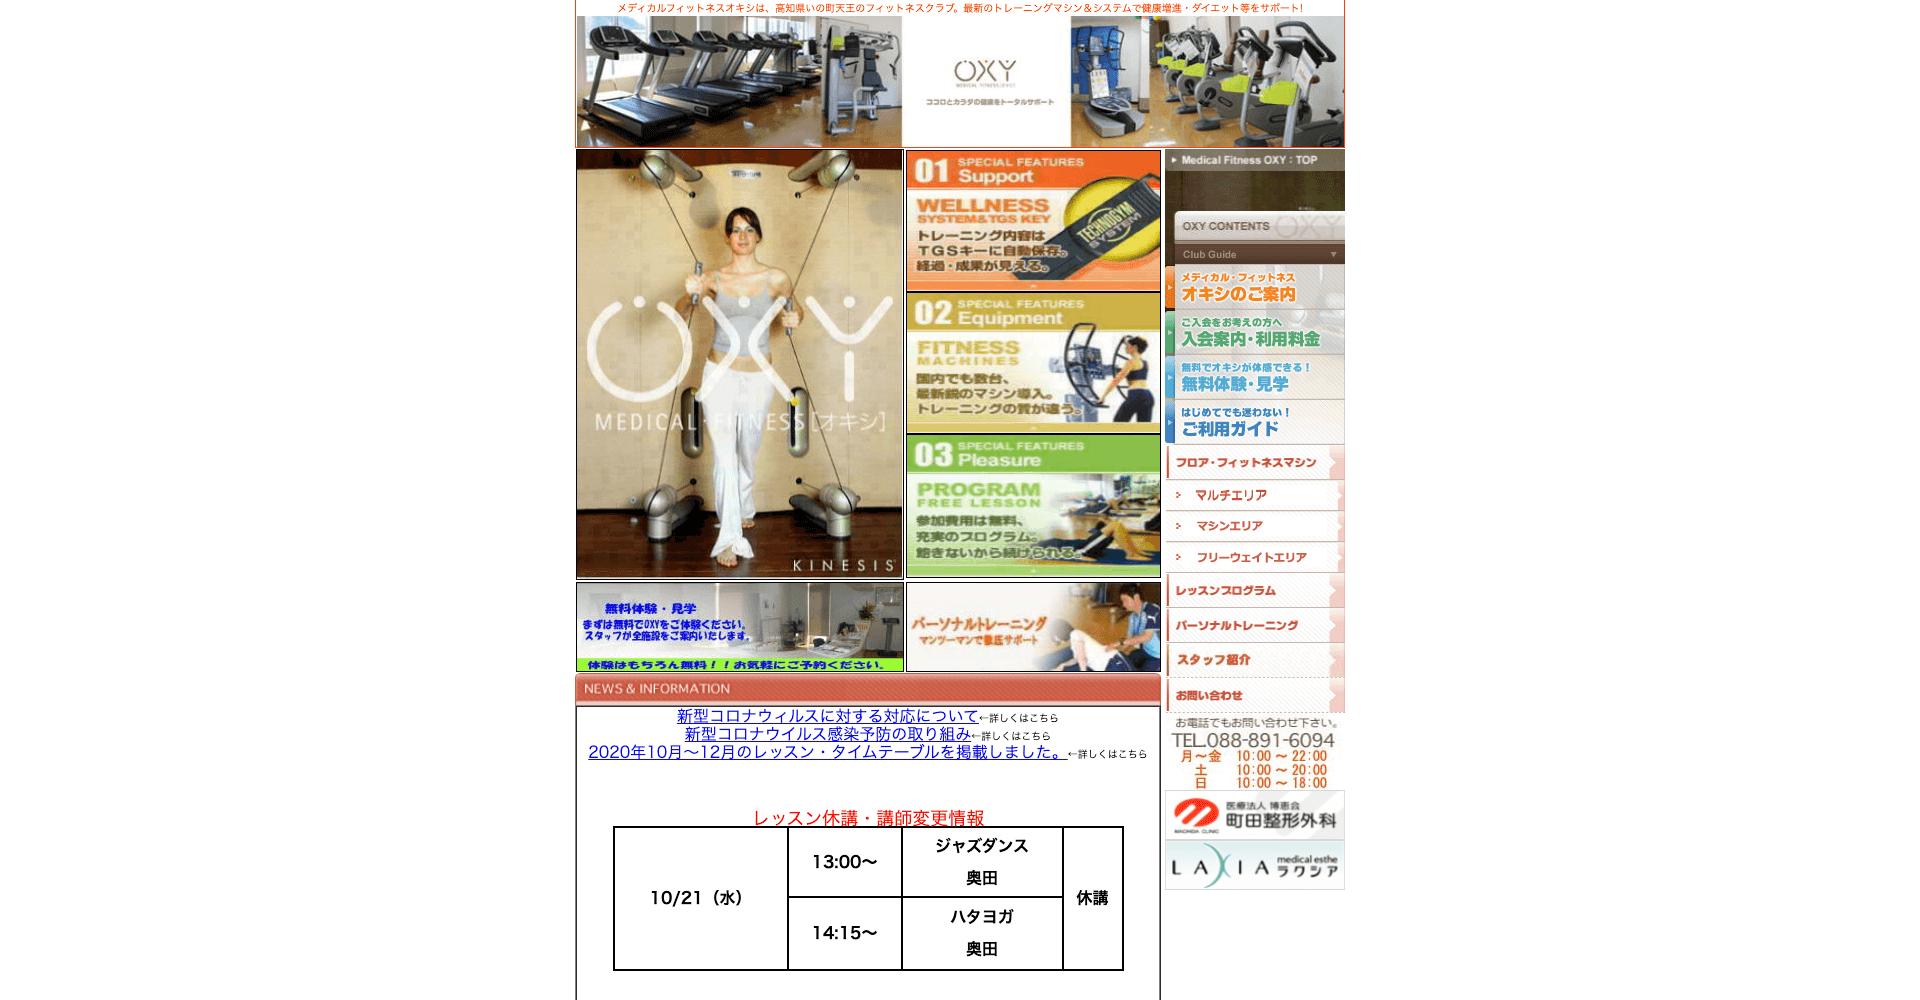 メディカル・フィットネス OXY